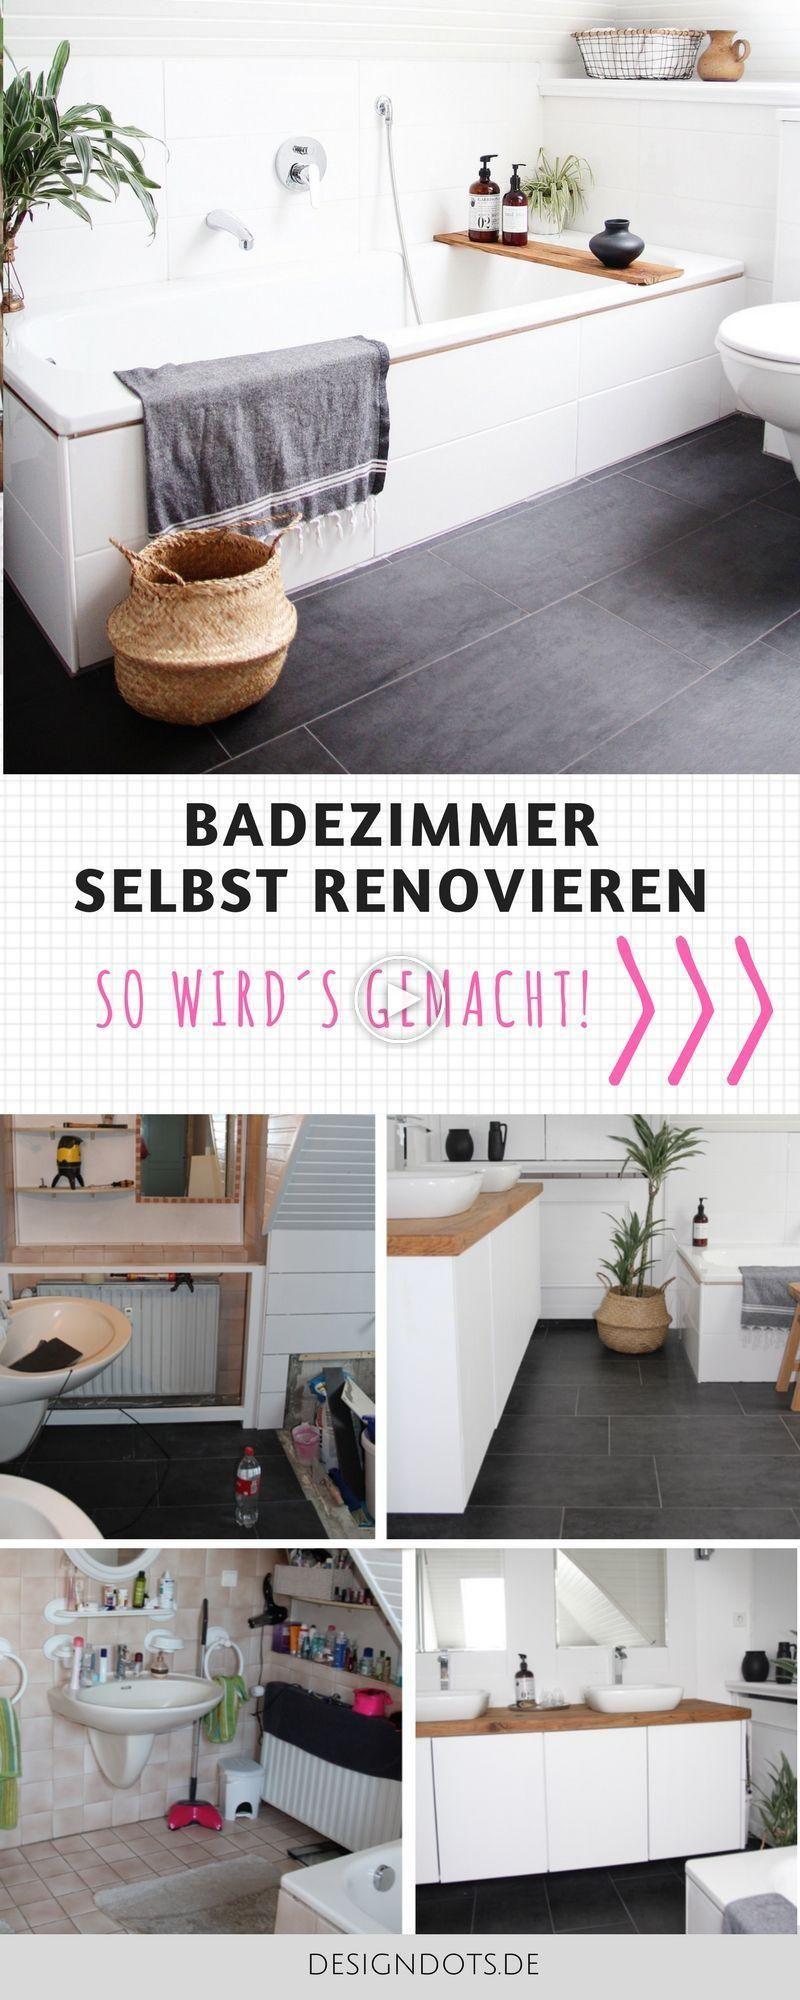 Renoveer De Badkamer Zelf Bathroom Renovations Bathroom Remodel Cost Bathrooms Remodel